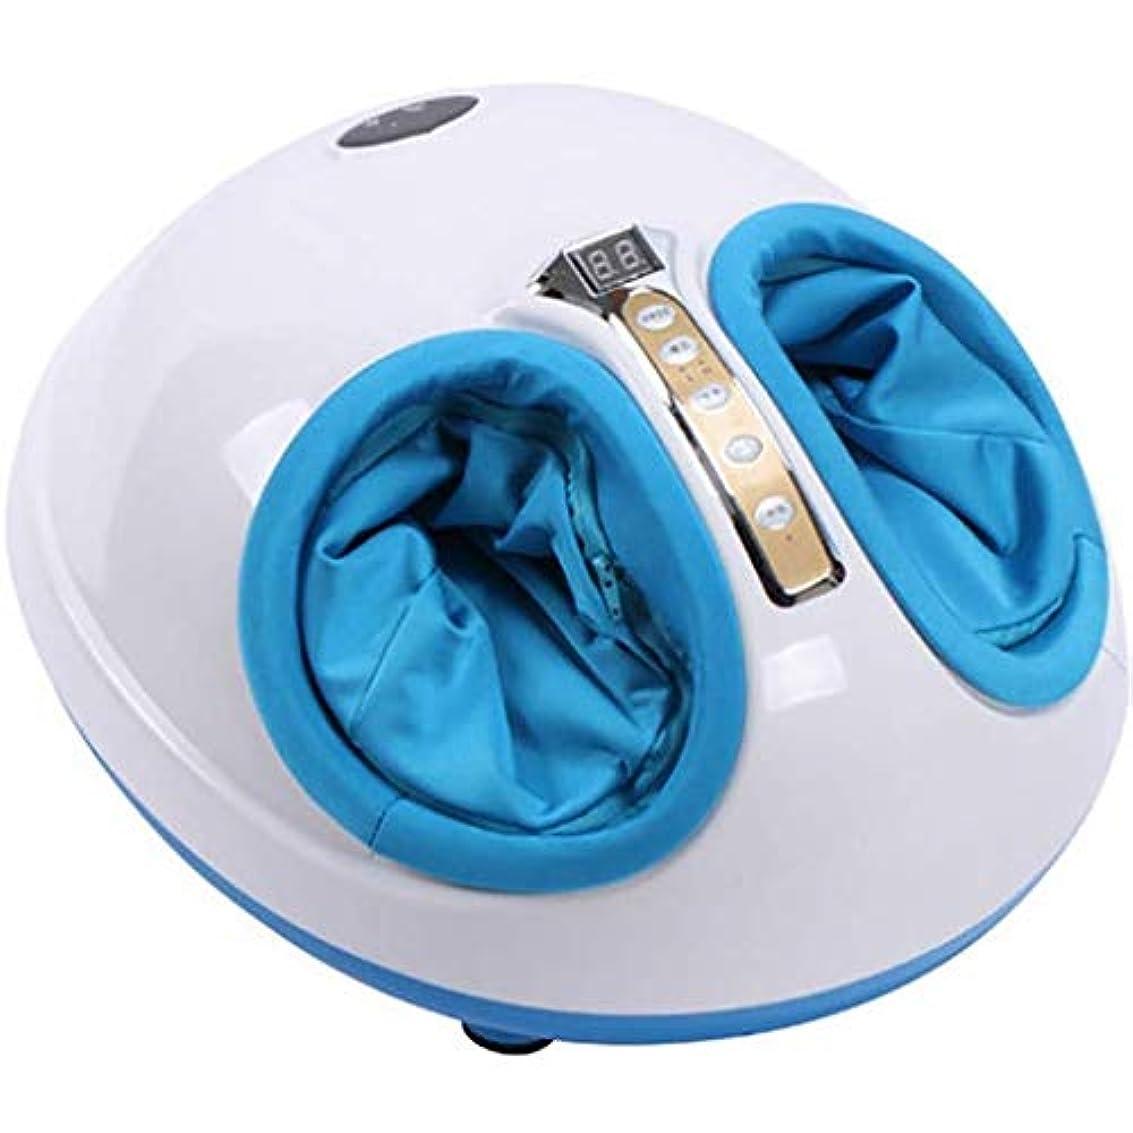 観光明るい緑フットマッサージャー、電気フットマッサージャー、赤外線/暖房/混練/空気圧/リラクゼーションマッサージ機器 (Color : 青, Size : One size)